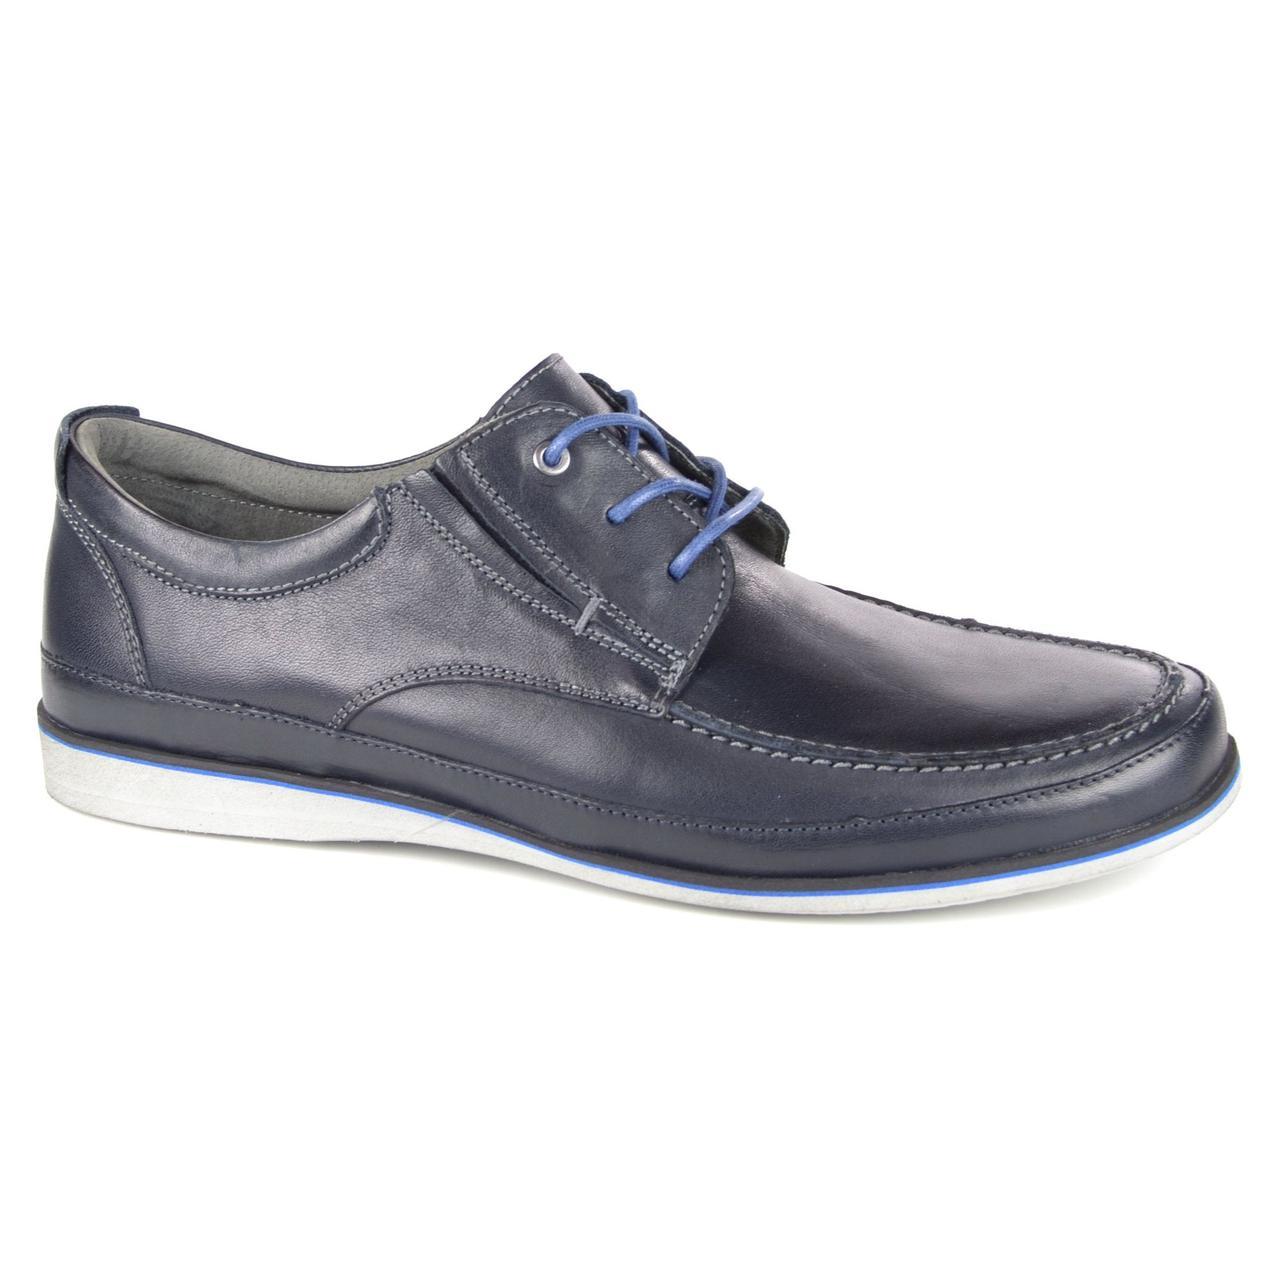 f5b1601d4 Мужские повседневные туфли Badura код: 4432, размеры: 40, 41, 42, 43 ...